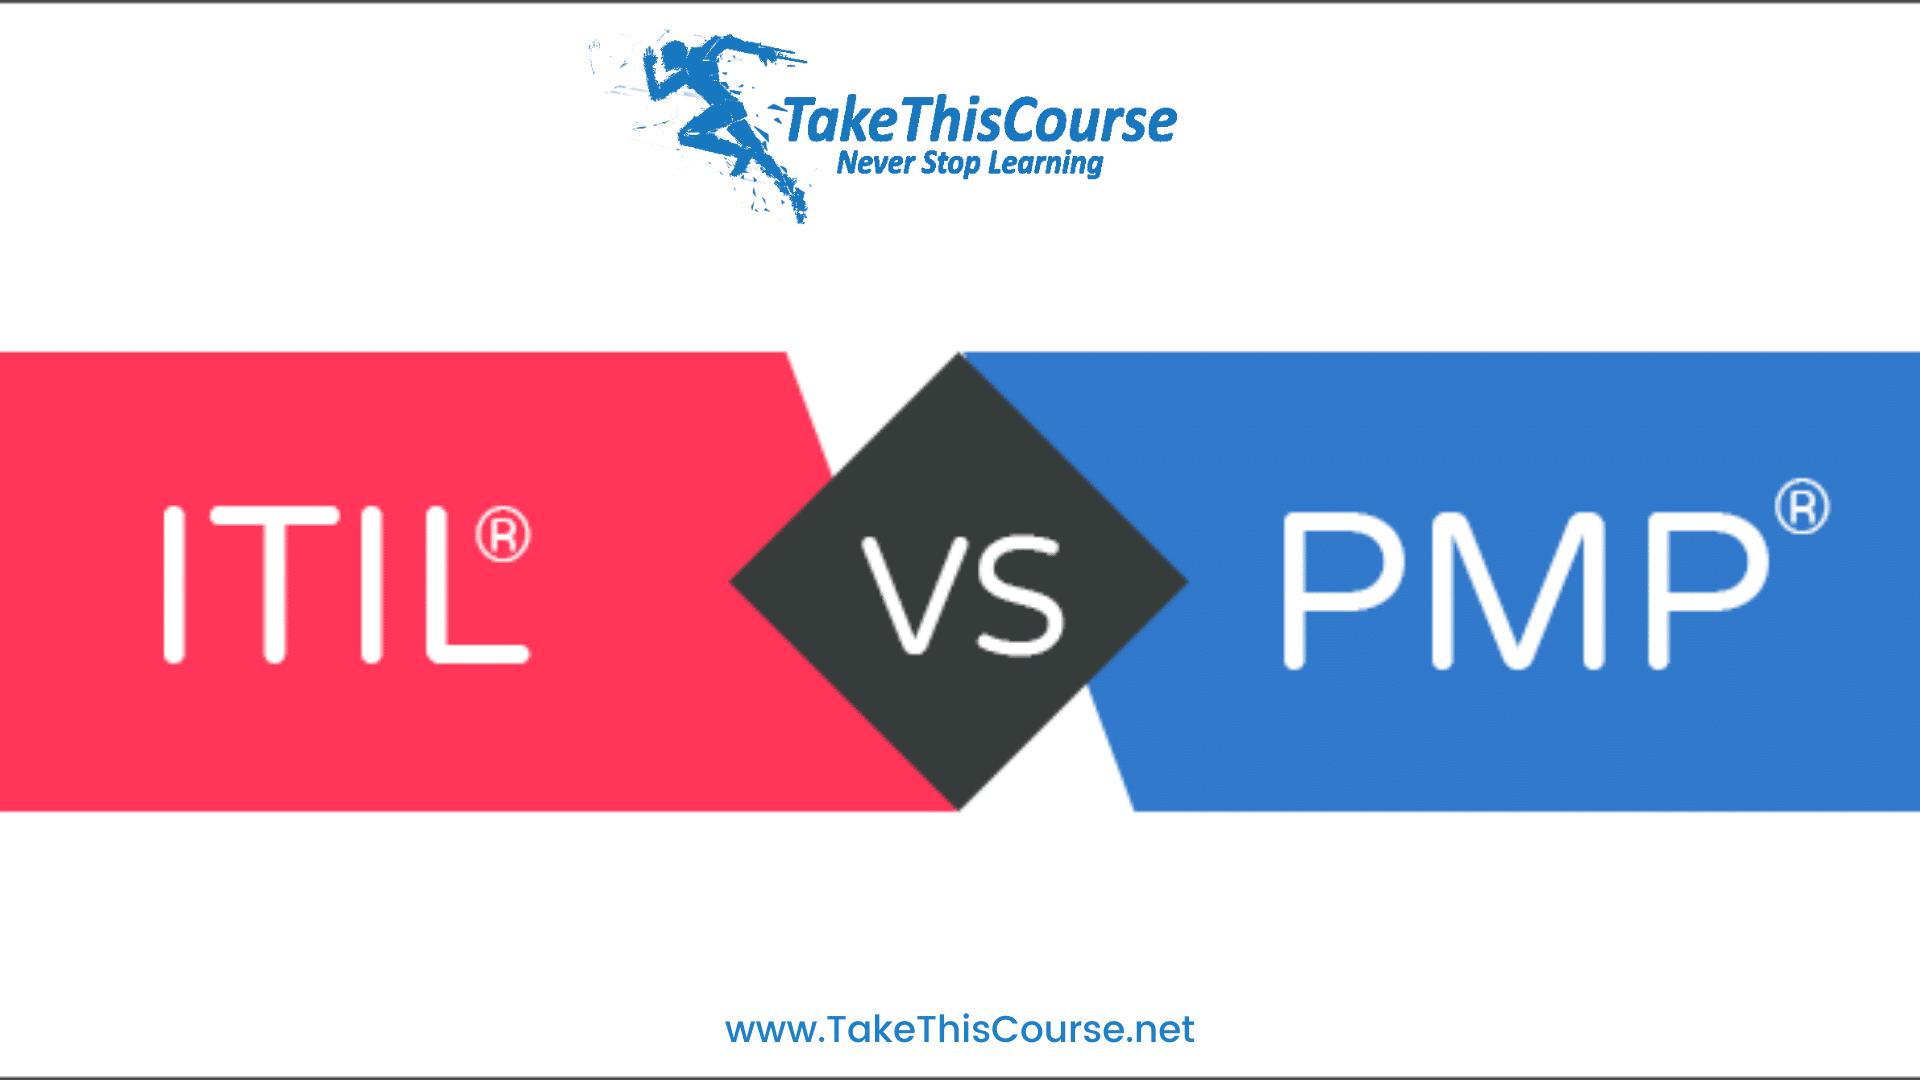 PMP vs ITIL